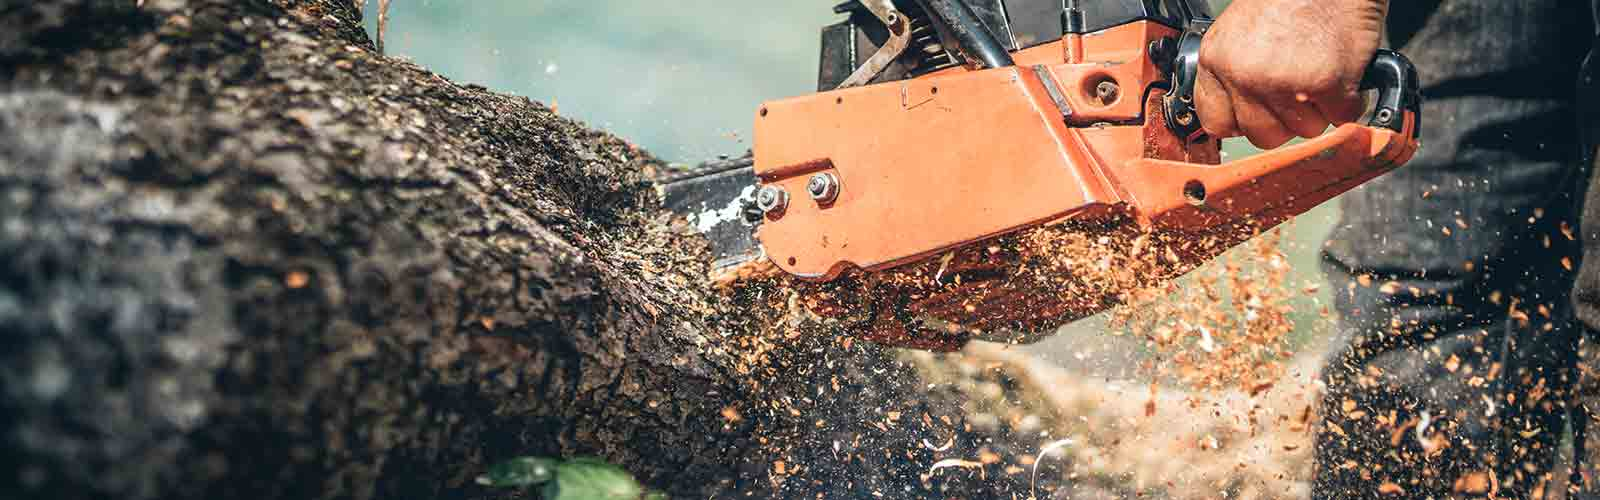 Baumpflege Rohrbeck - Baumsägearbeiten mit Kettensäge